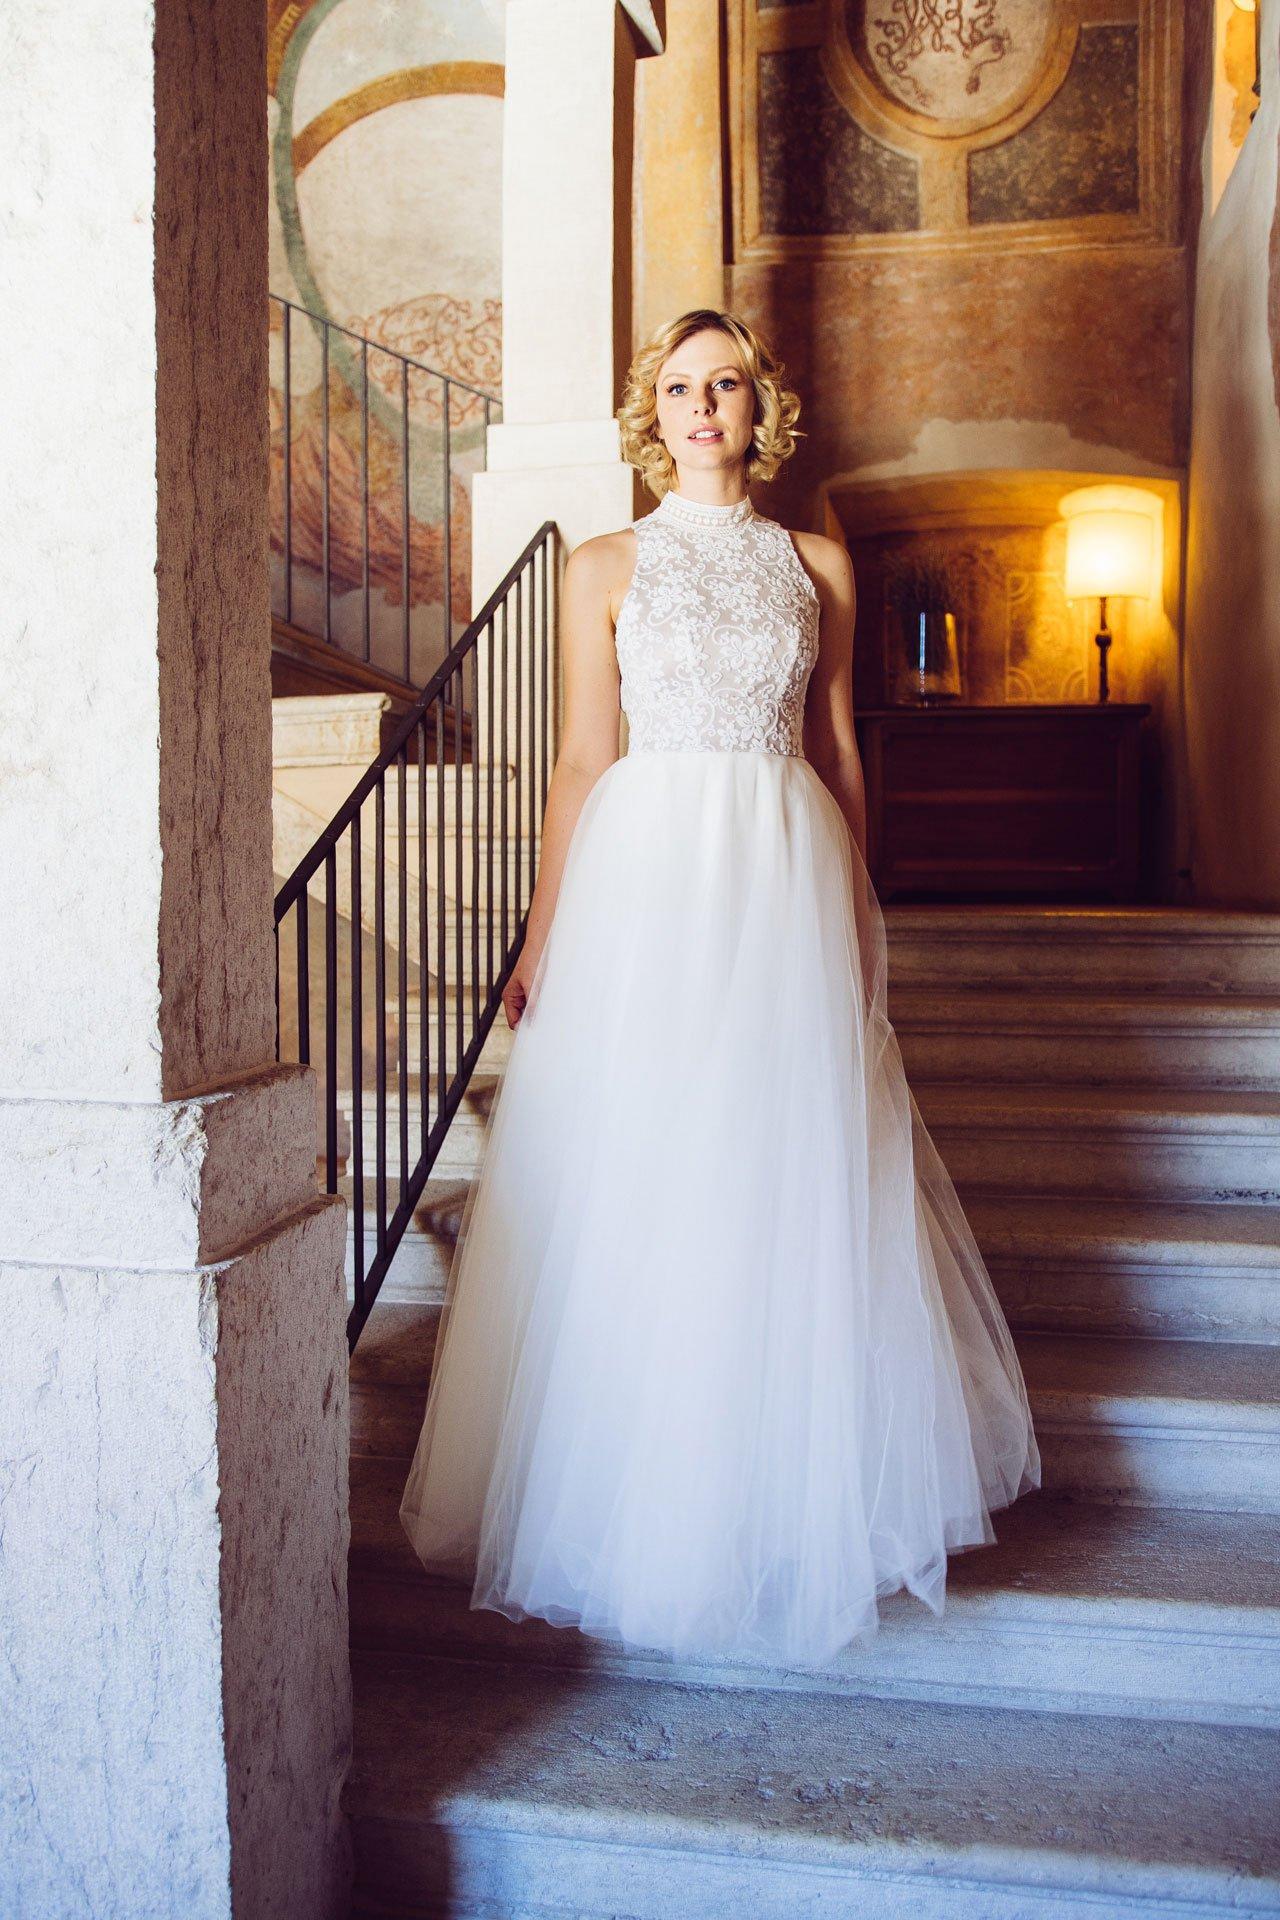 Schmales, kurzes Brautkleid mit Stehkragen und sexy Brautrücken